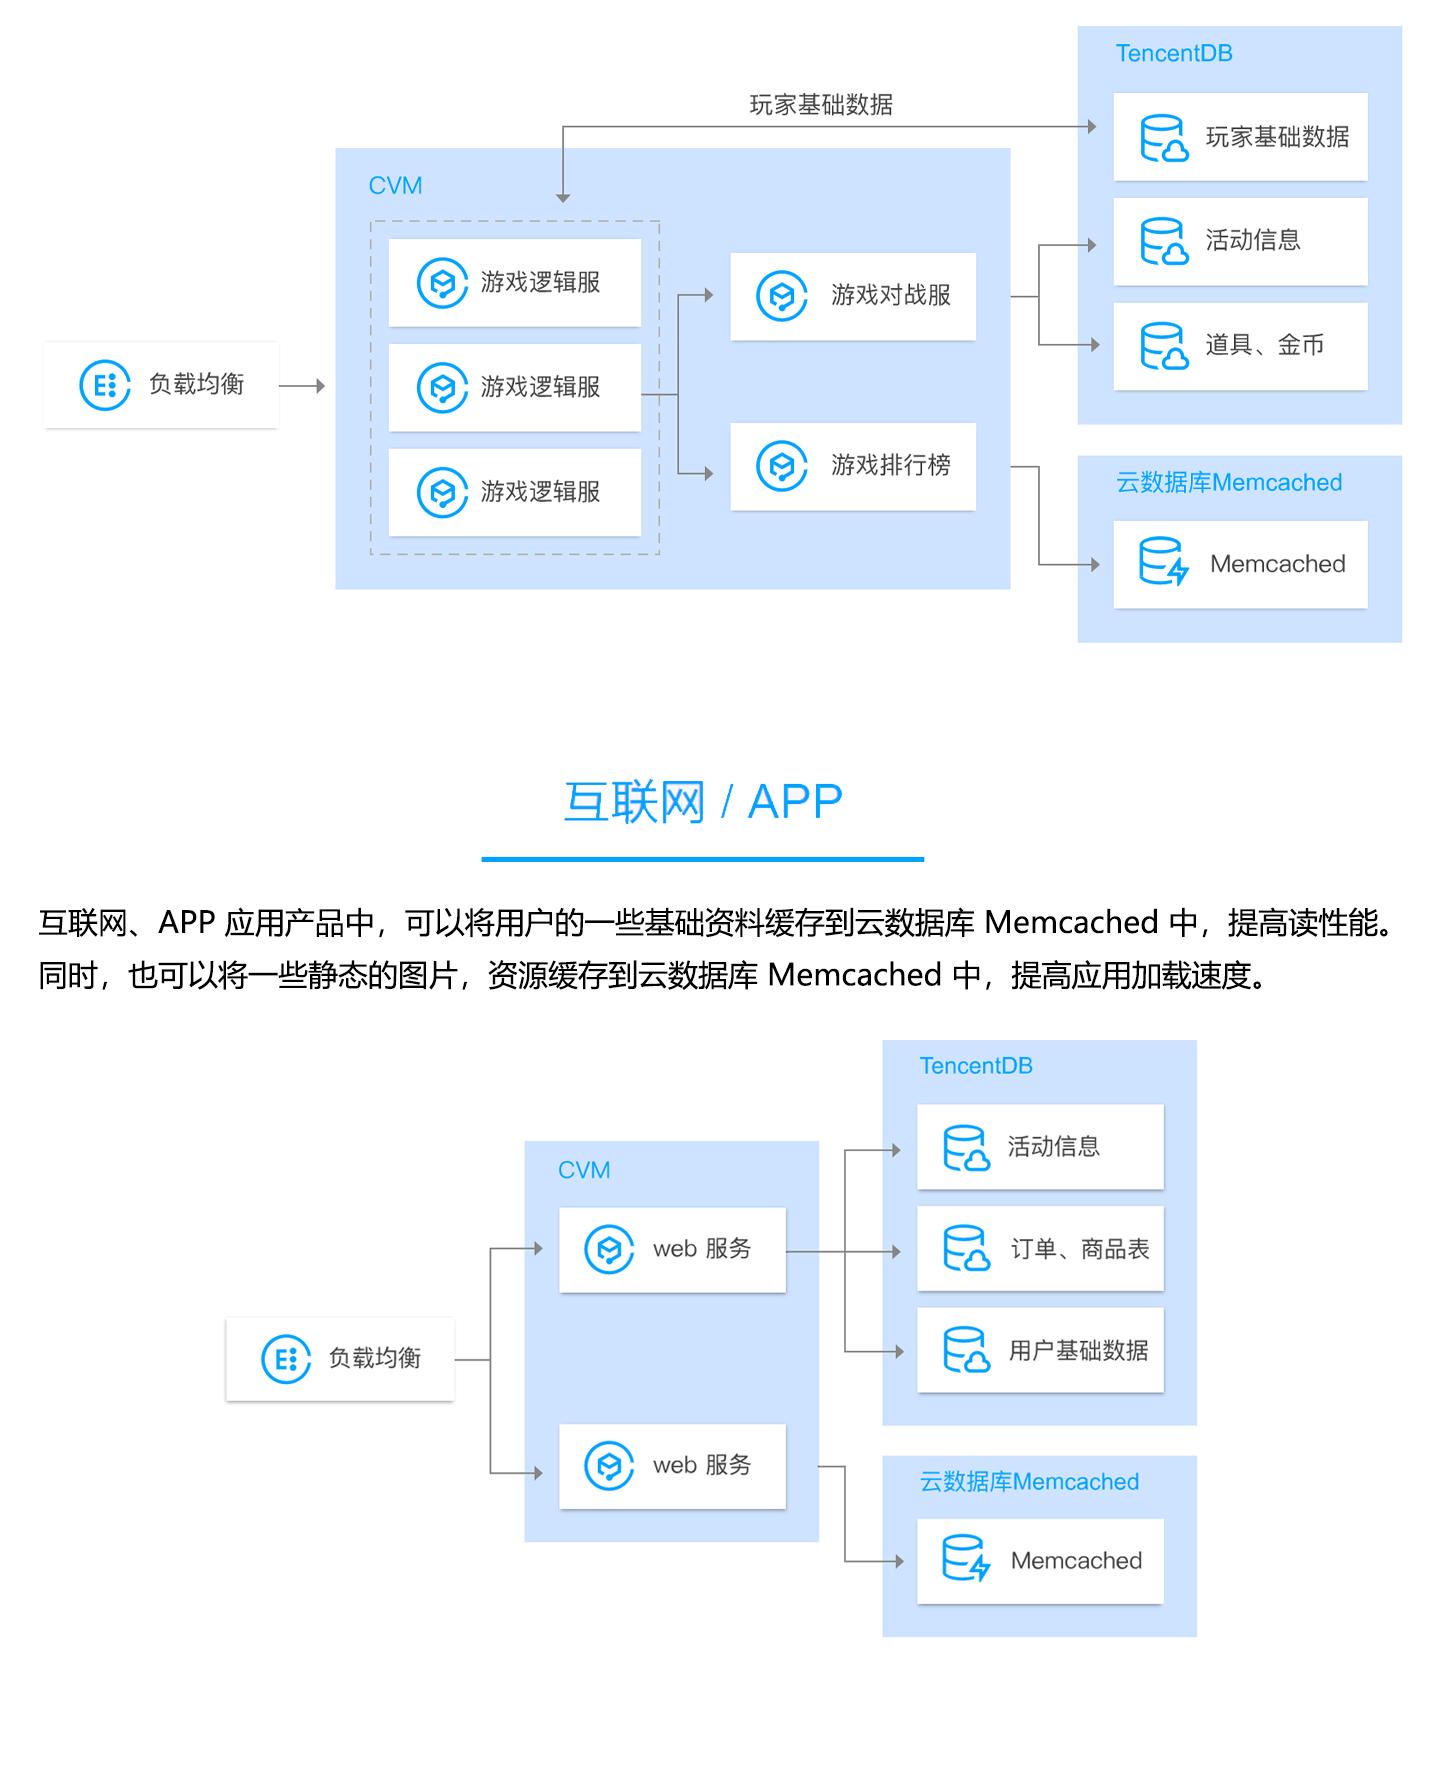 云数据库-TencentDB-for-Memcached1440_03.jpg